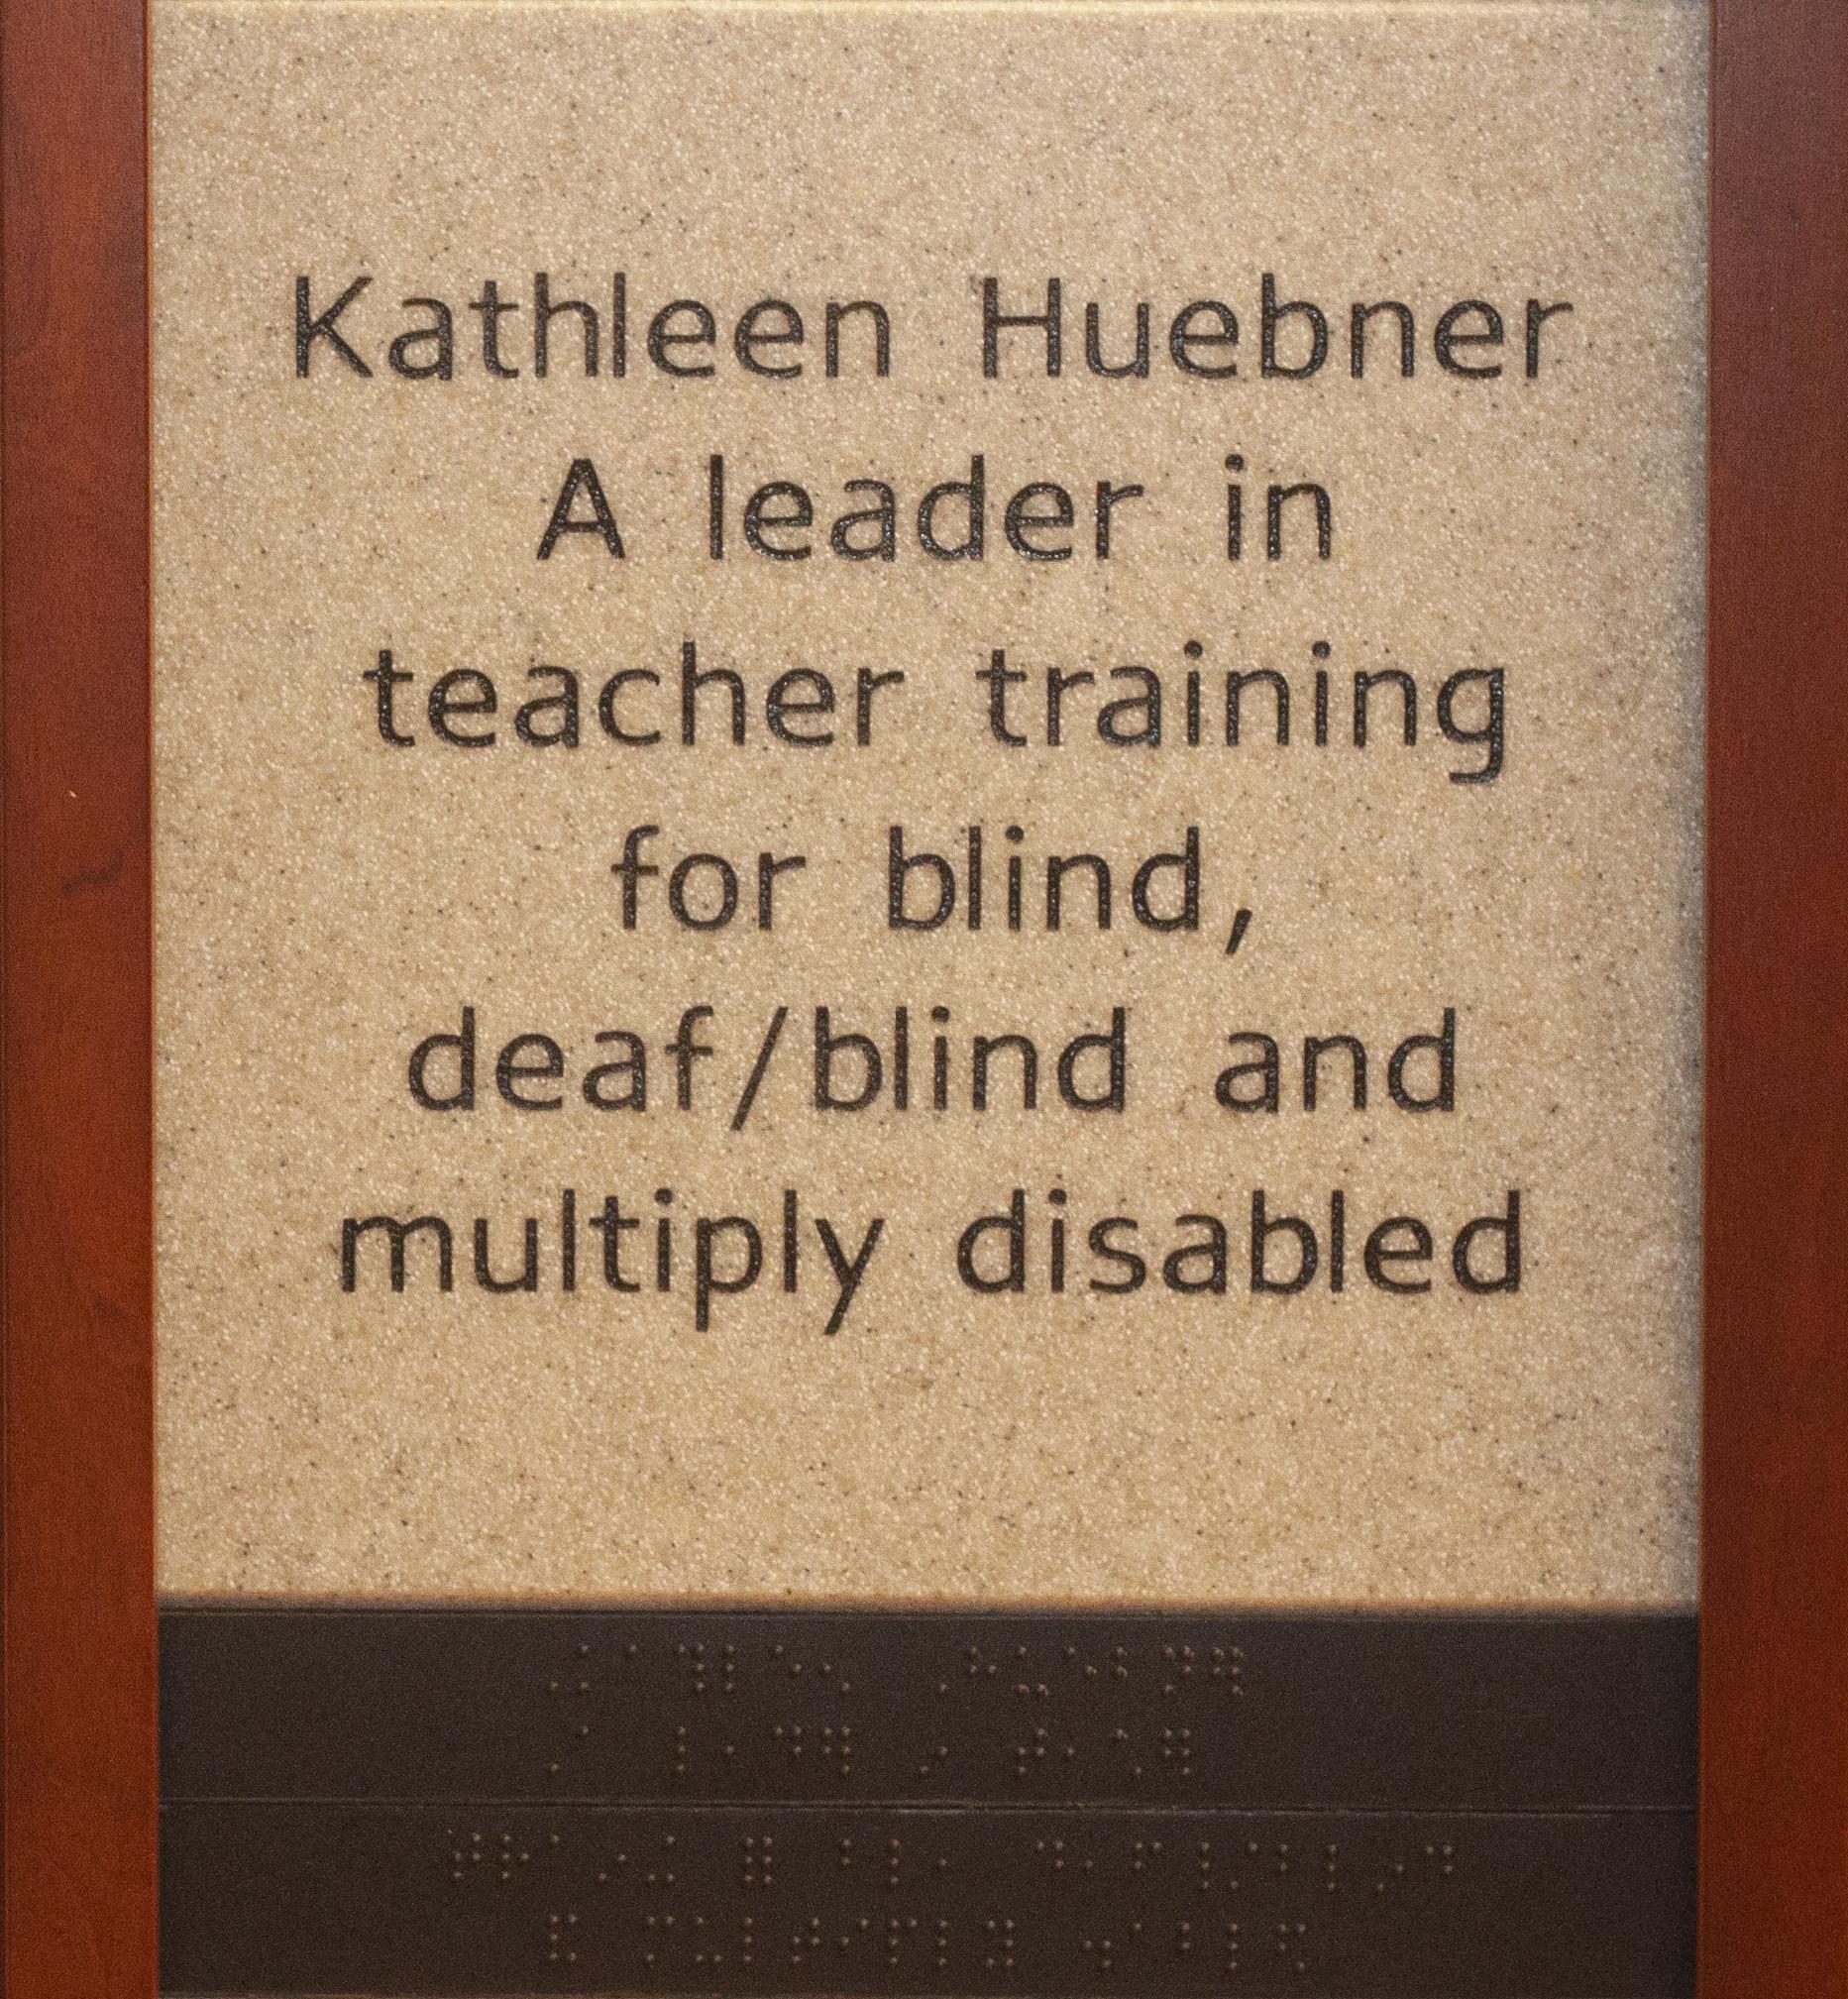 Kathleen Huebner, A leader in teacher training for blind, deaf/blind and multiply disabled